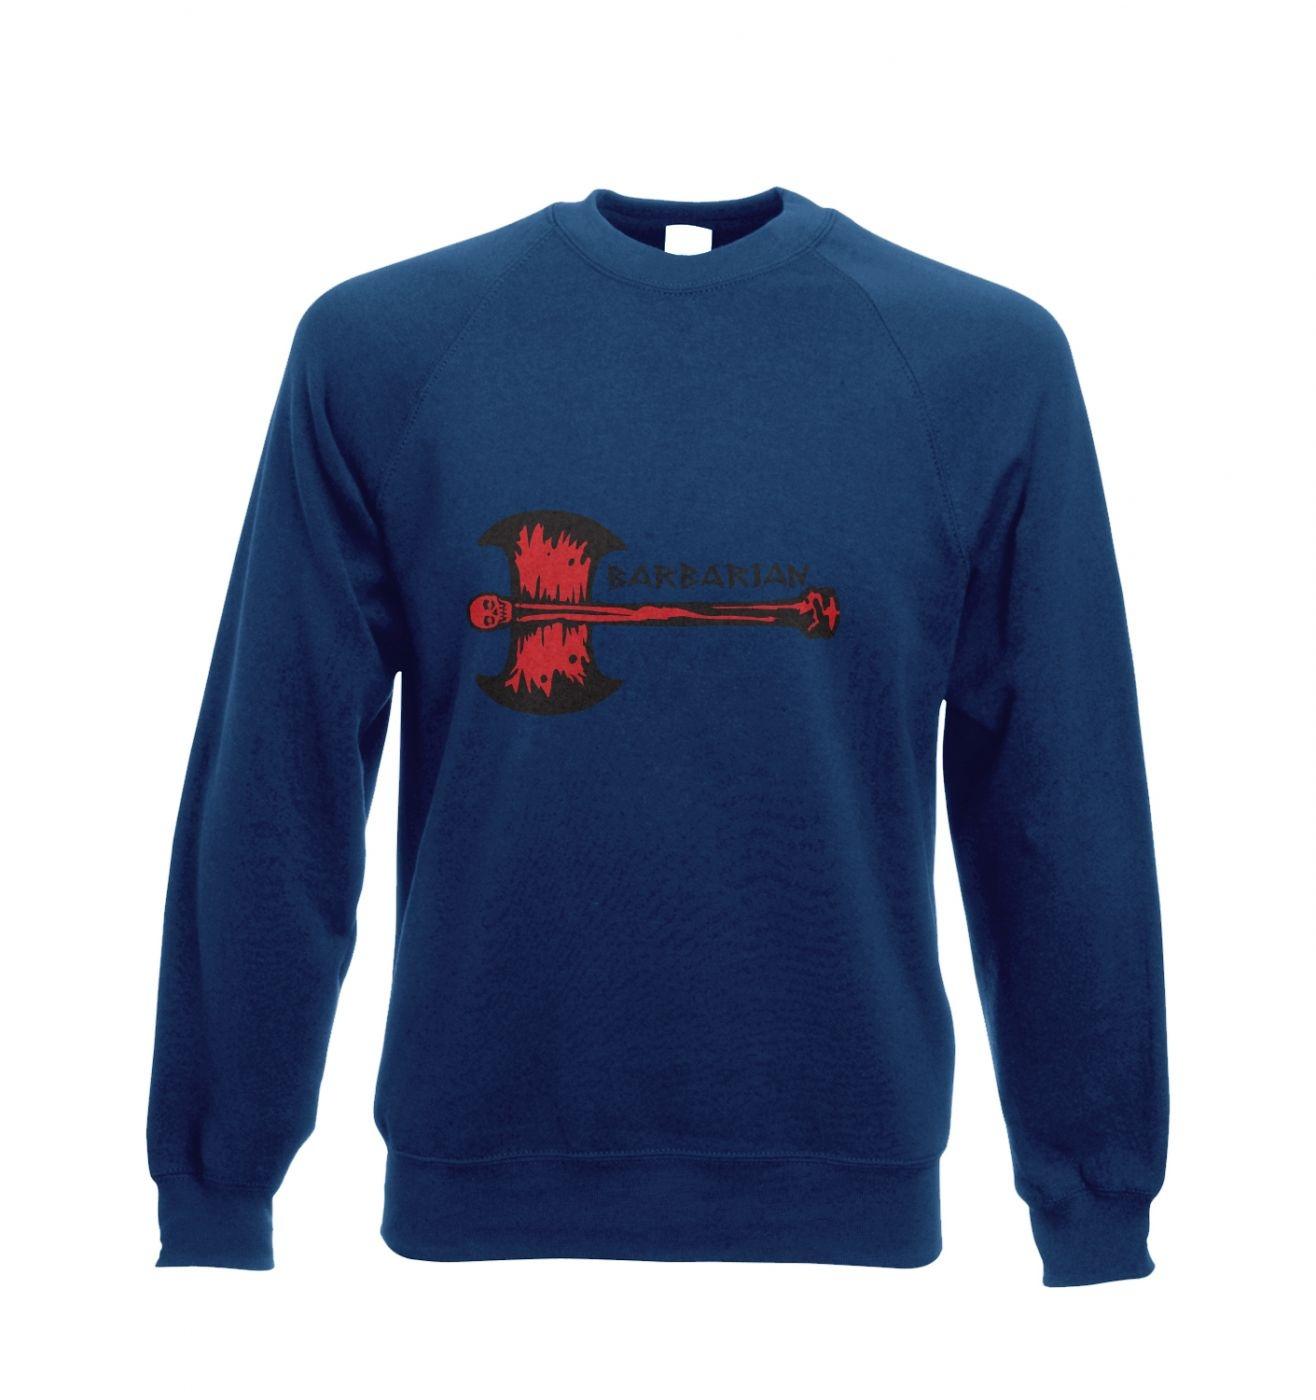 Red Barbarian Axe crewneck sweatshirt